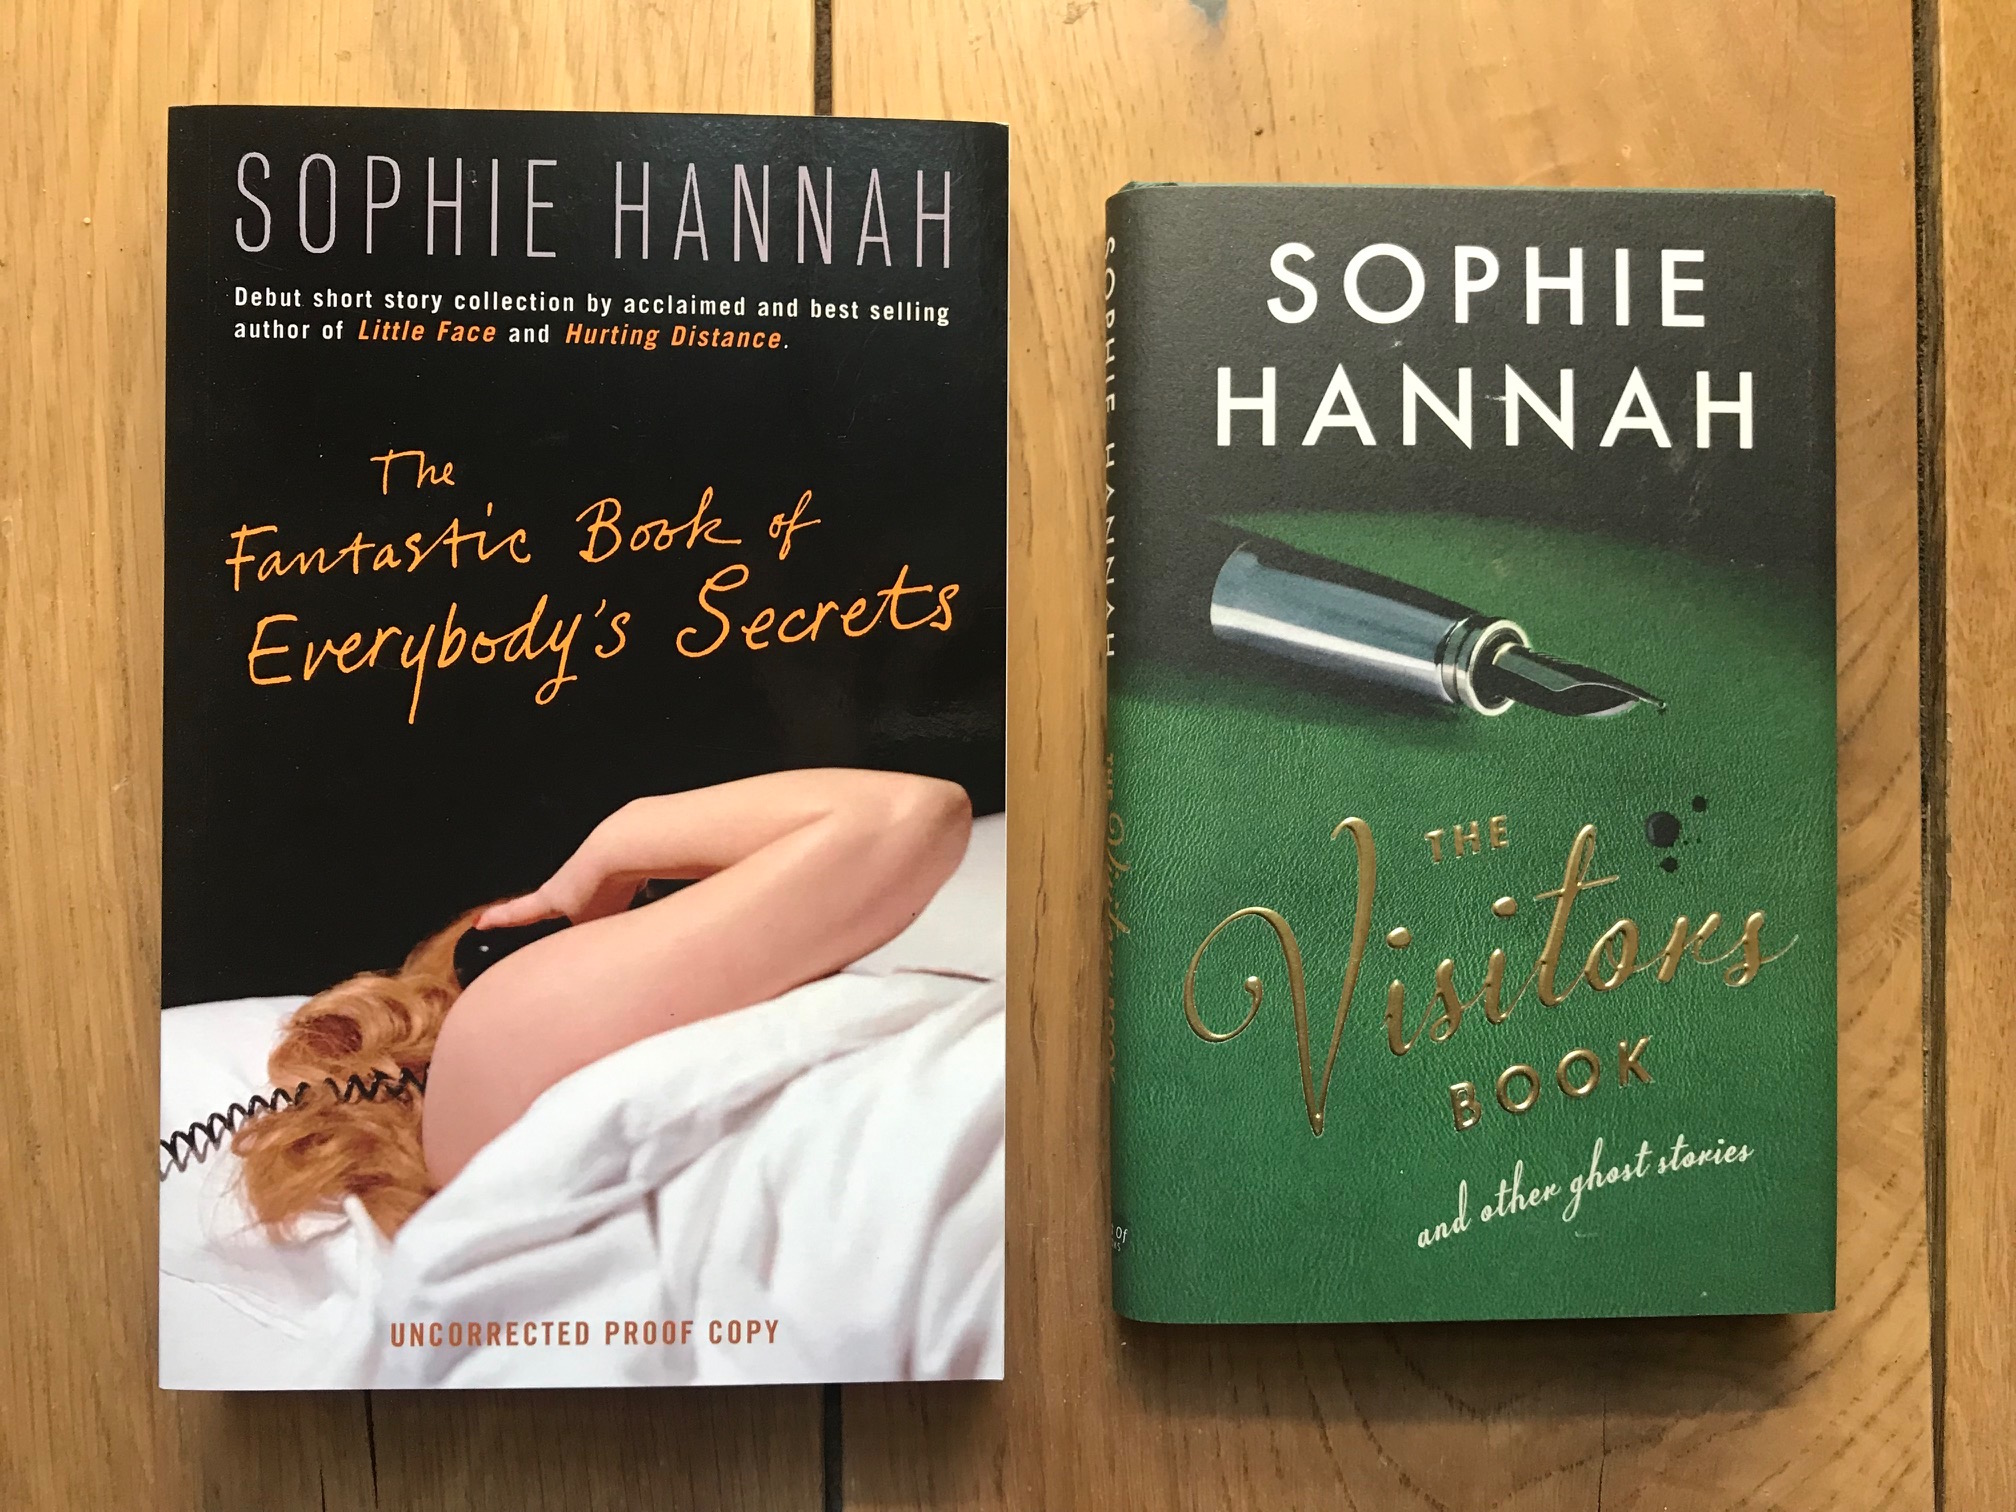 Sophie Hannah 2 books photo.jpg